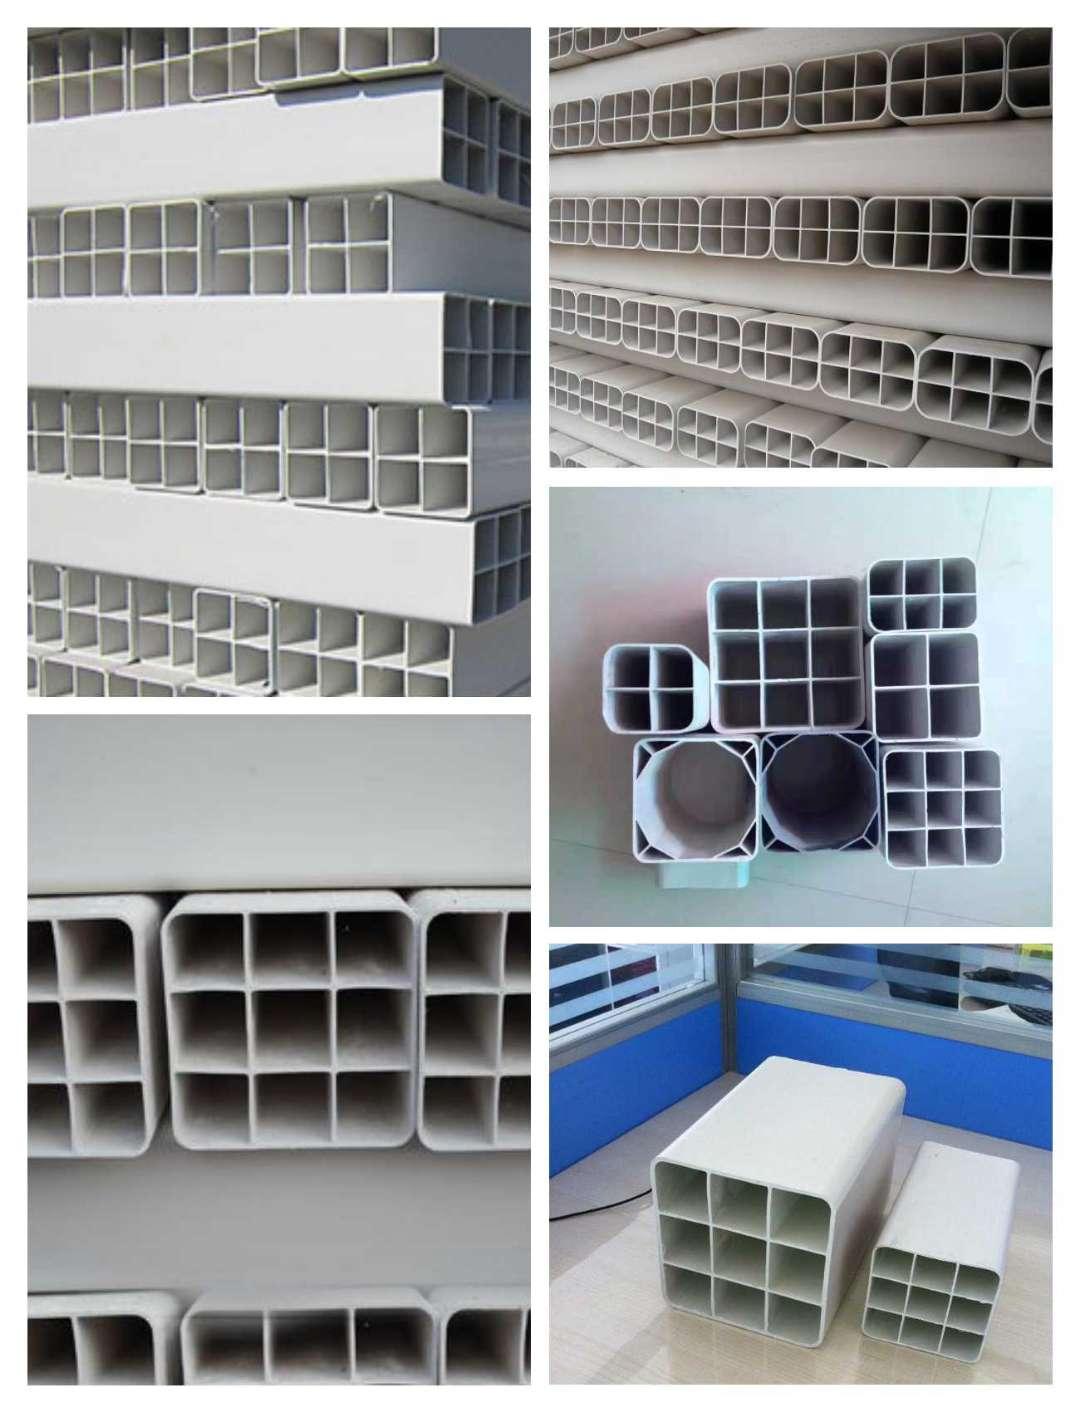 文圣子孔28四孔格栅管生产厂家【可提供图纸加工\】+排管价格